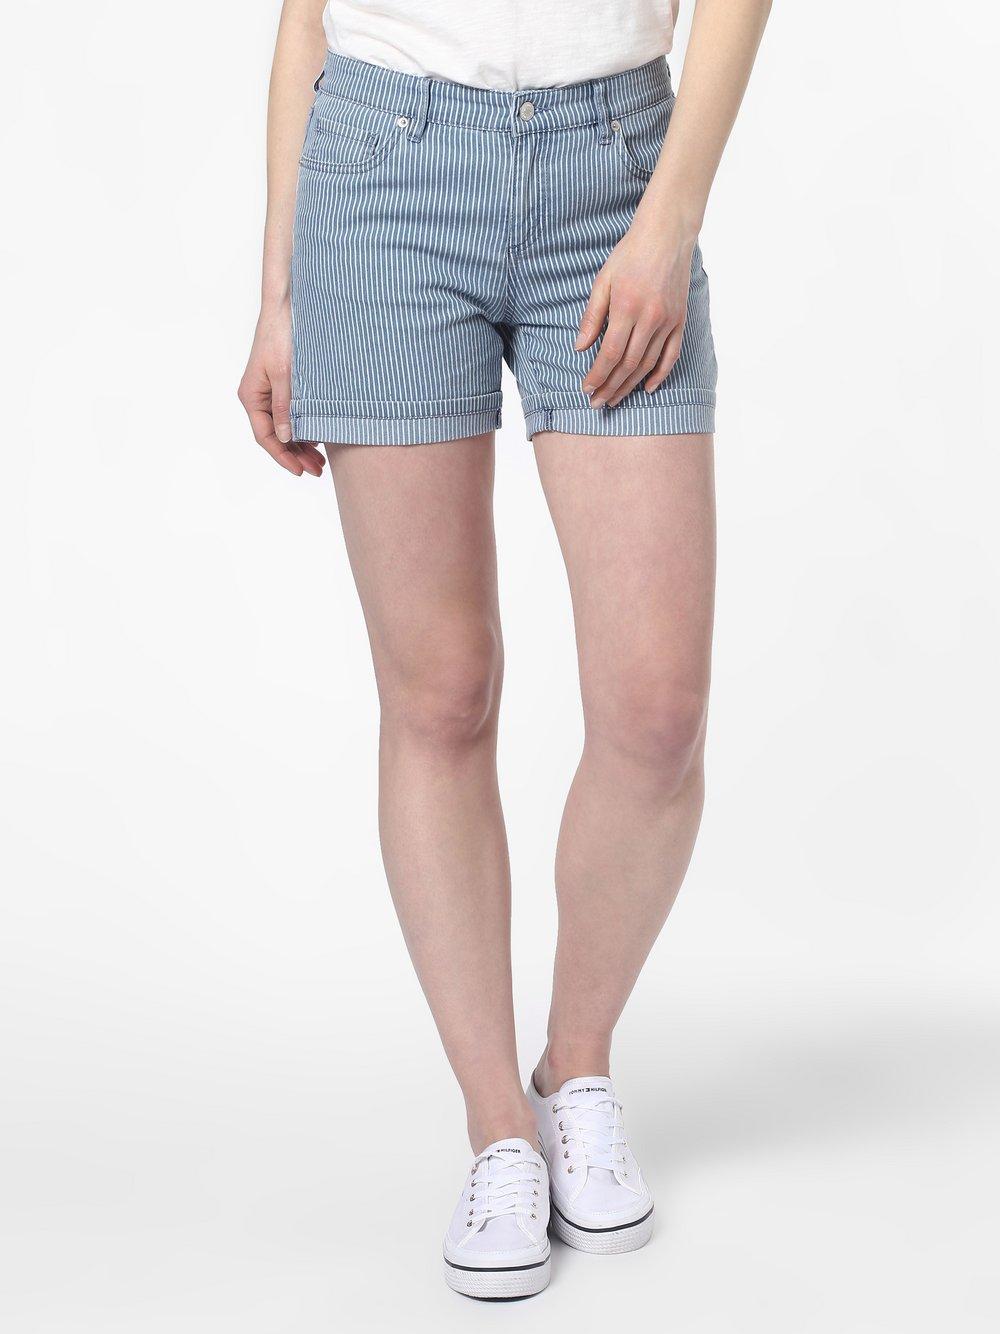 Marie Lund - Damskie krótkie spodenki jeansowe, niebieski